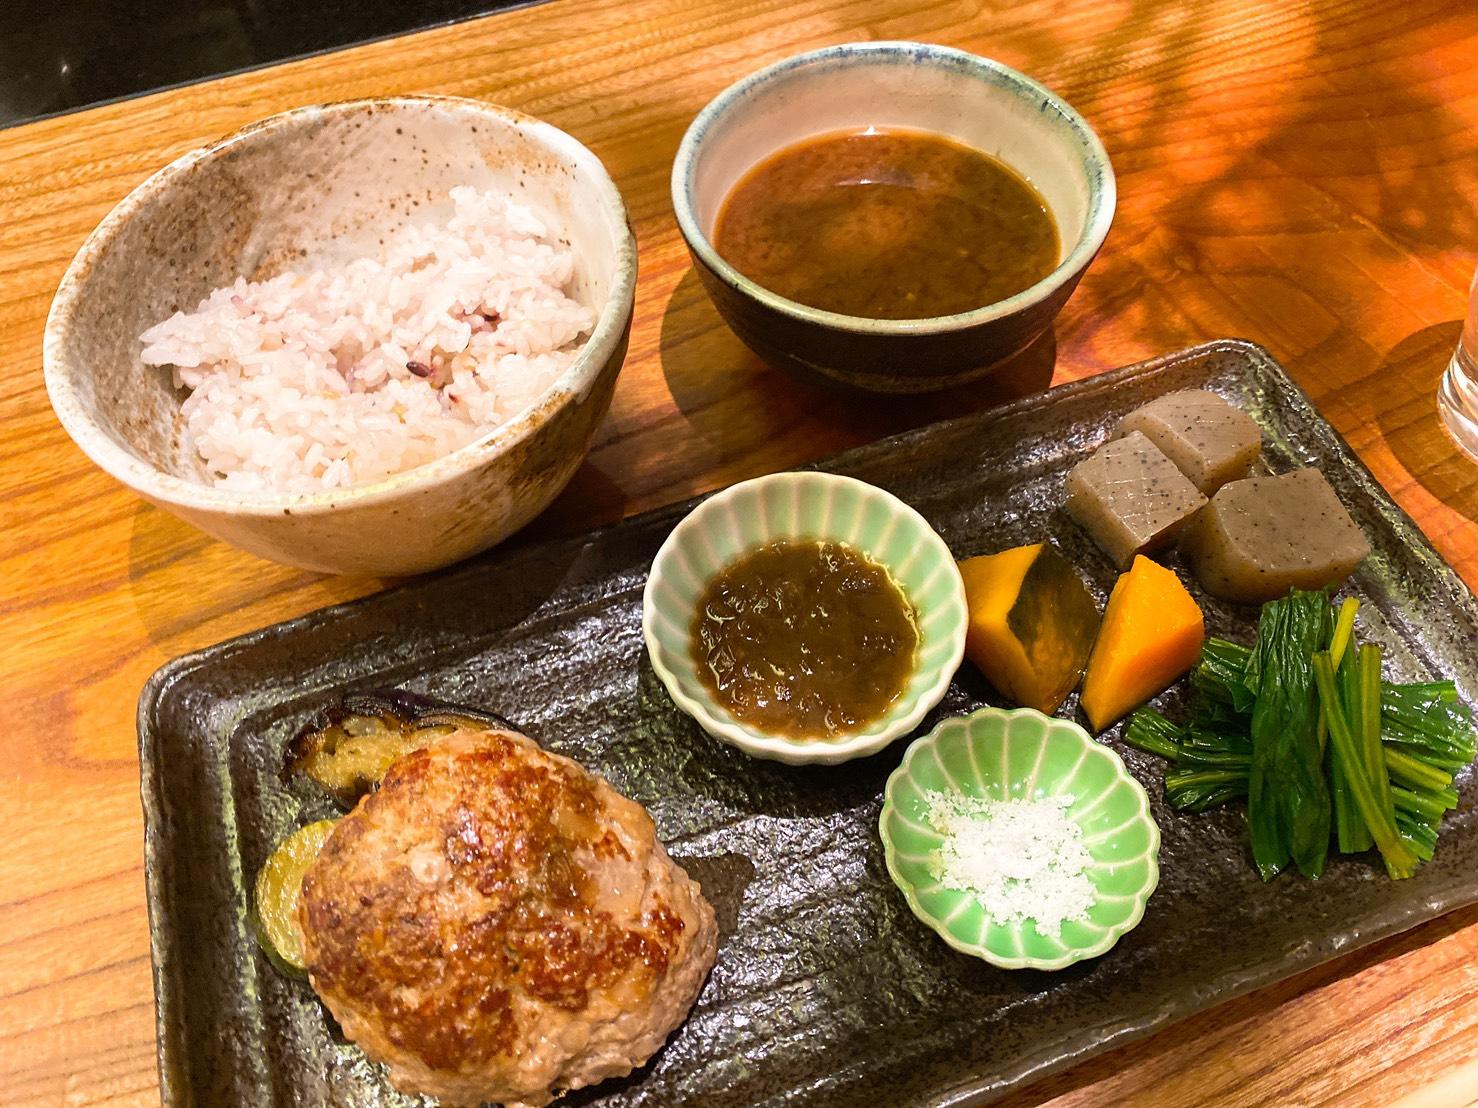 矢場町|大人空間で至福のランチを。栄の隠れた路地に佇むおばんざいと鉄板料理のお店